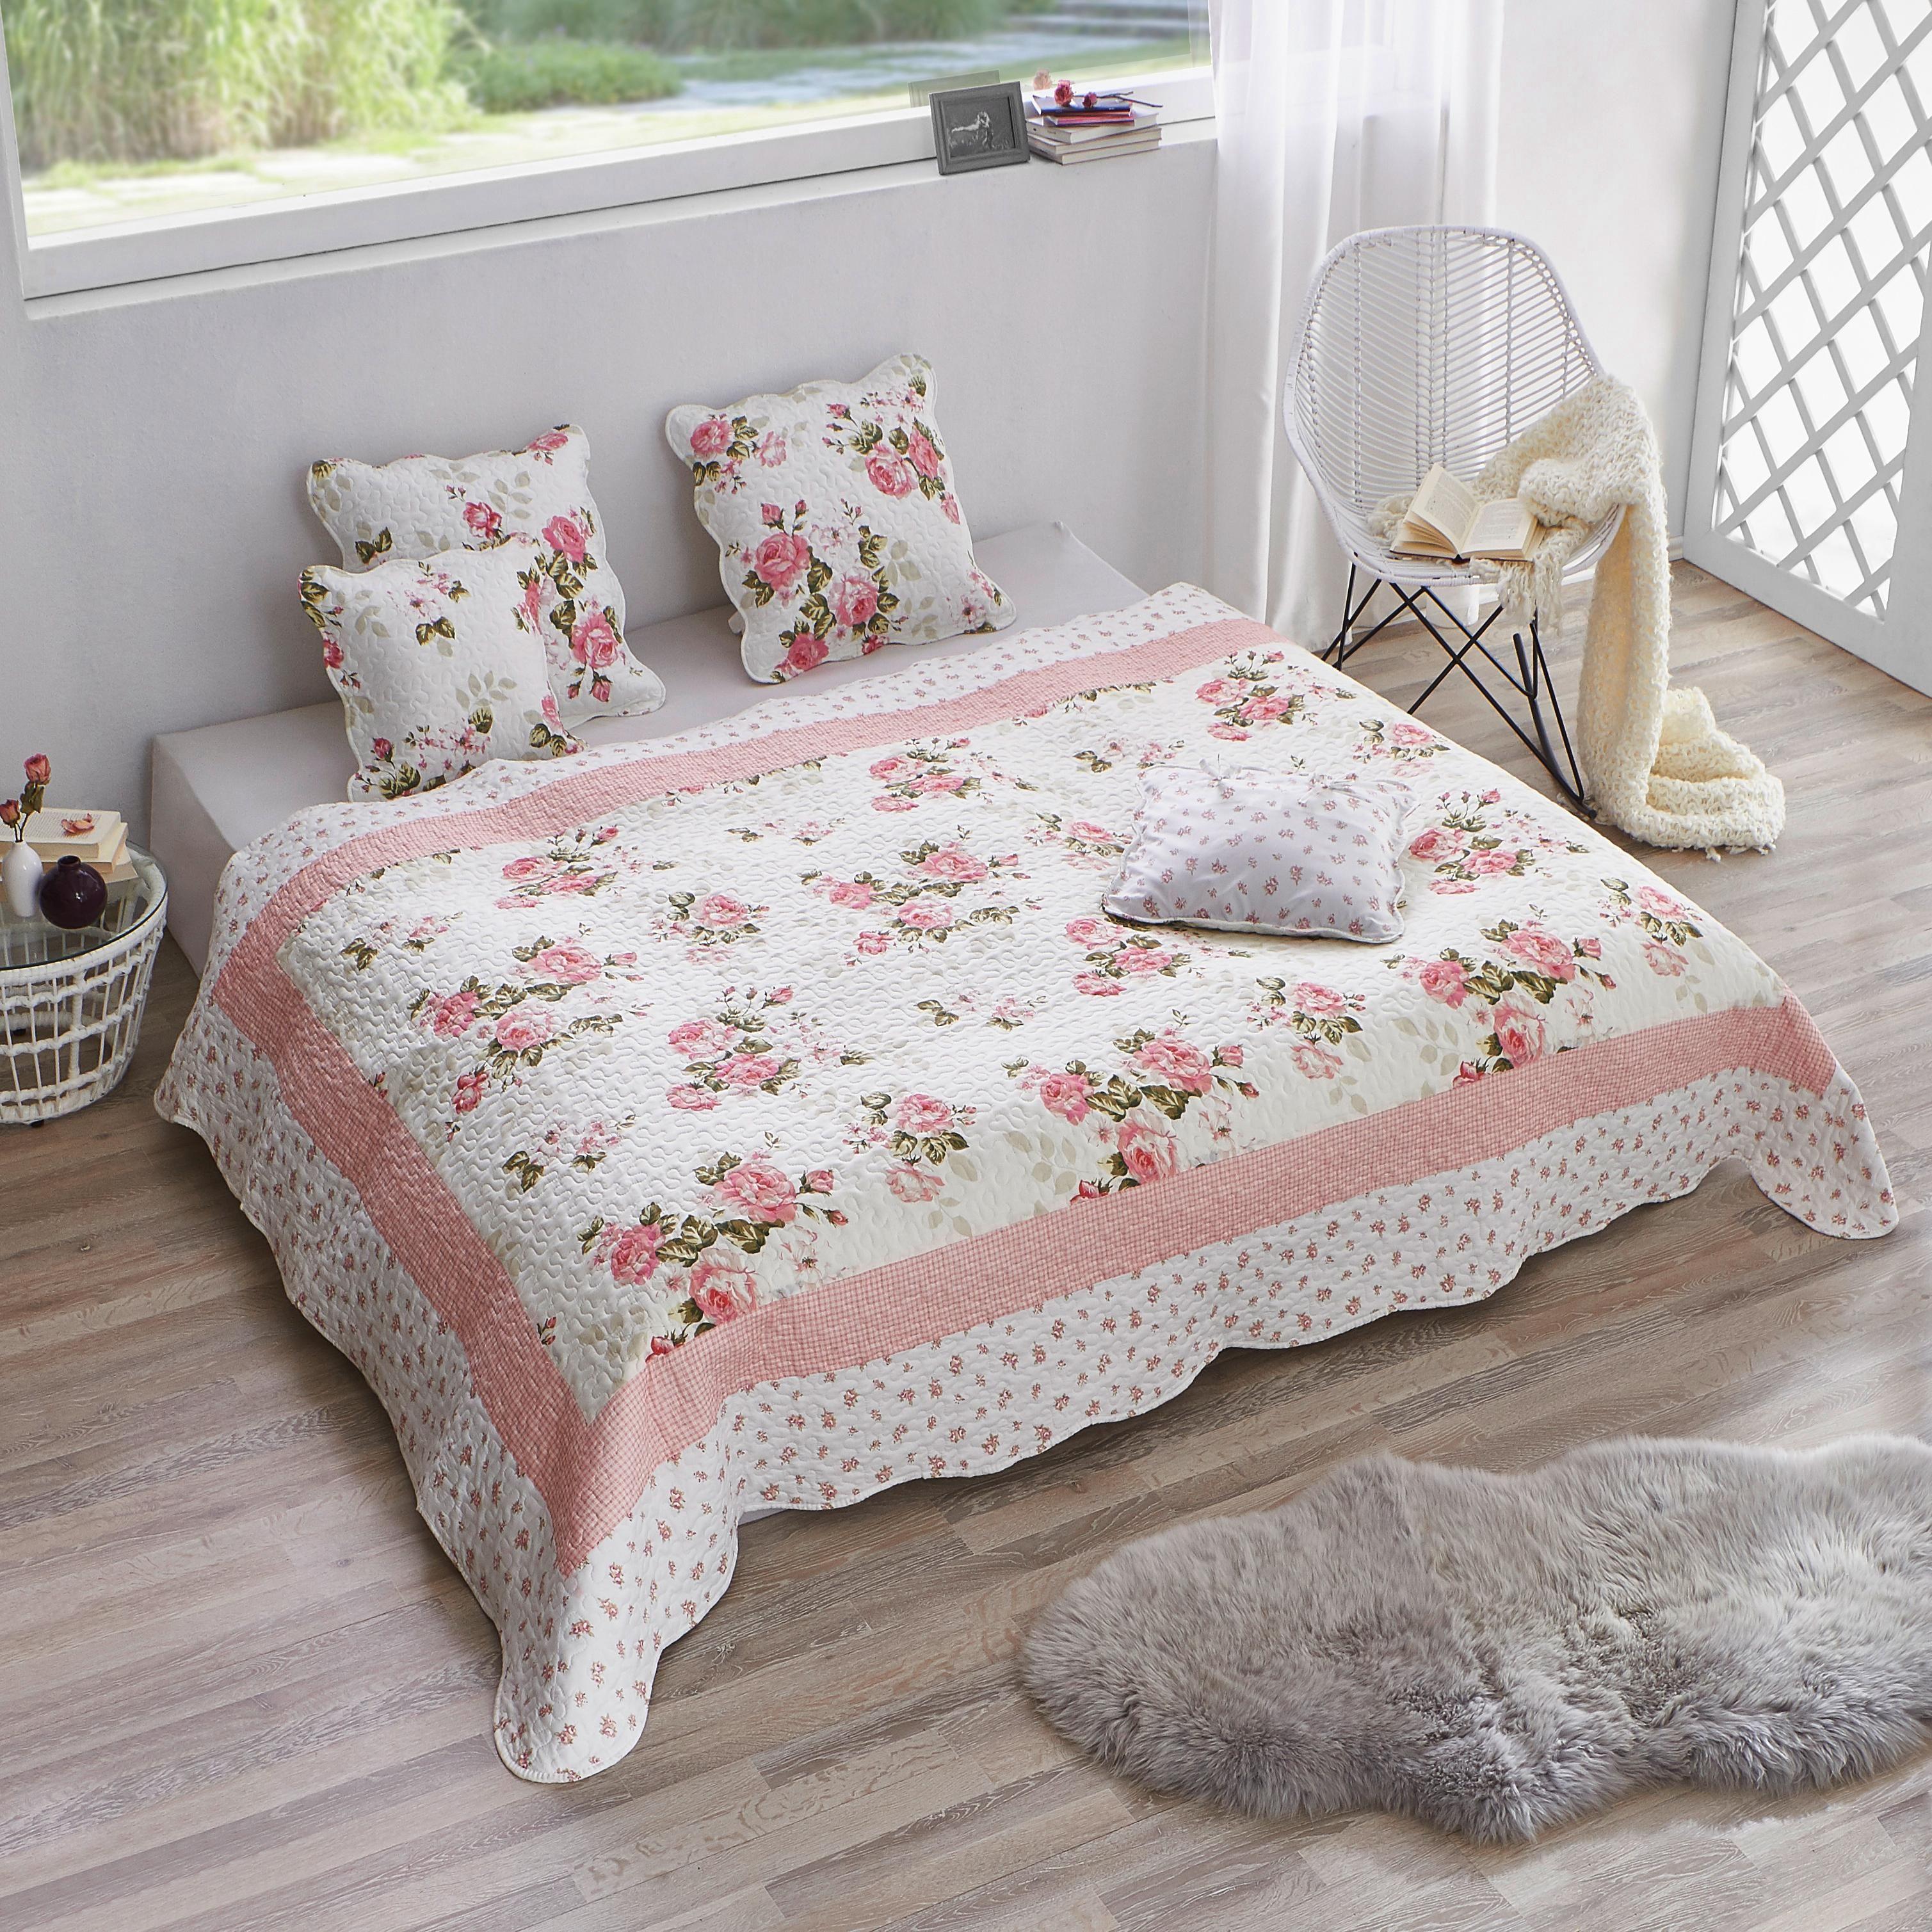 Die Romantische Tagesdecke Mit Blumenmuster Bereichert Dein Schlafzimmer Um Ein Schönes Textil Mit Den Passenden Kissen Wirkt Die Tagesdecke Decke Textilien